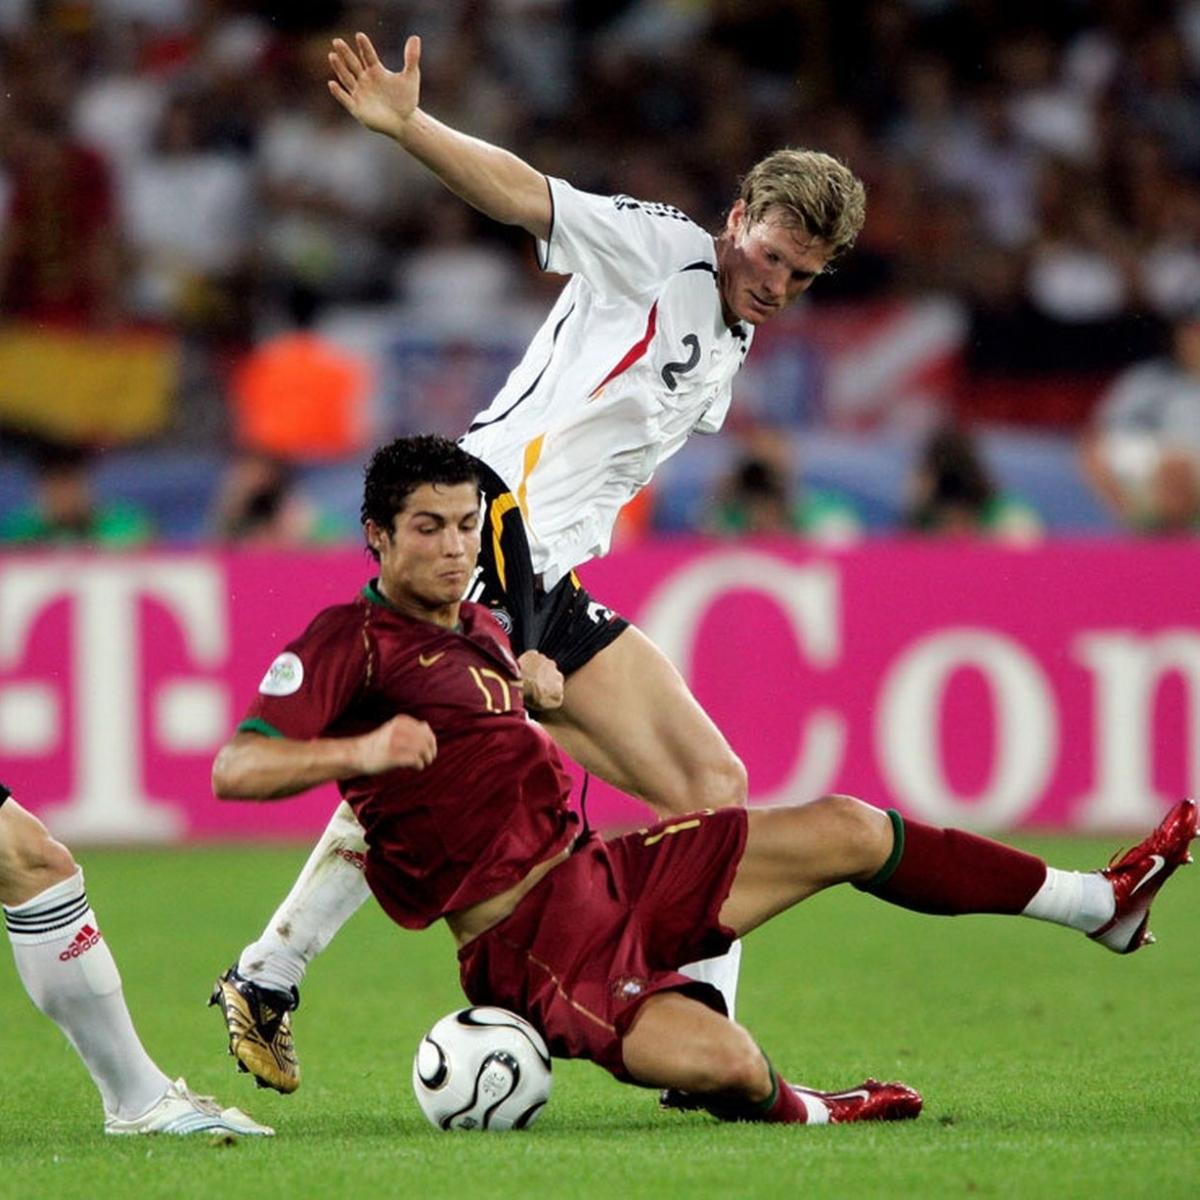 Cristiano Ronaldo và ĐT Bồ Đào Nha thua ĐT Đức 1-3 ở trận tranh hạng ba World Cup 2006.